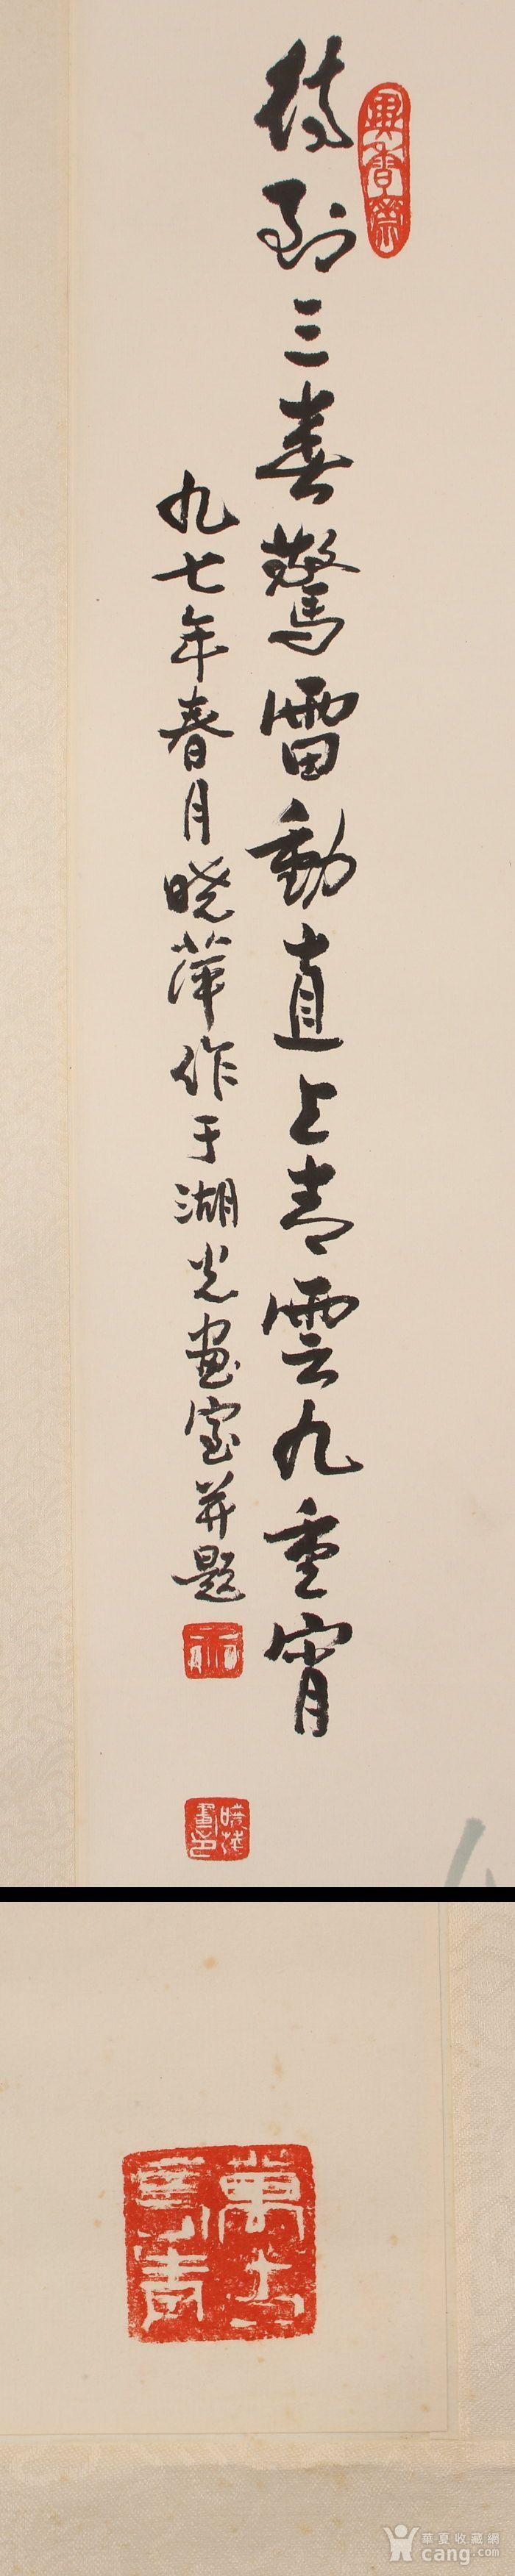 万晓萍作品,画竹图4